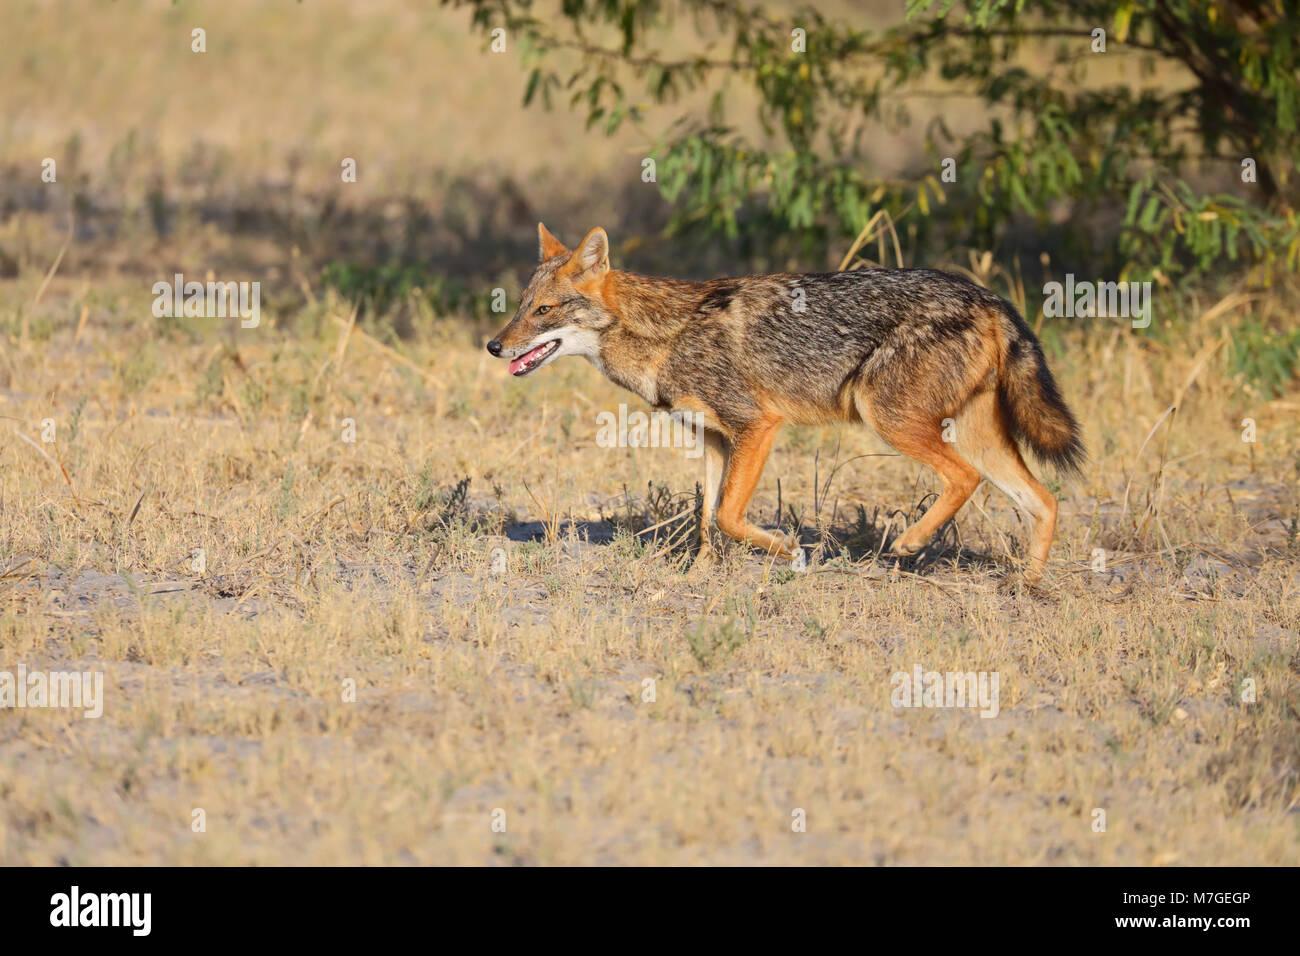 Des profils Golden Jackal (Canis aureus) probablement de la sous-espèce c.a.aureus (Common jackal) dans la région de Kutch, Gujarat, Inde Banque D'Images